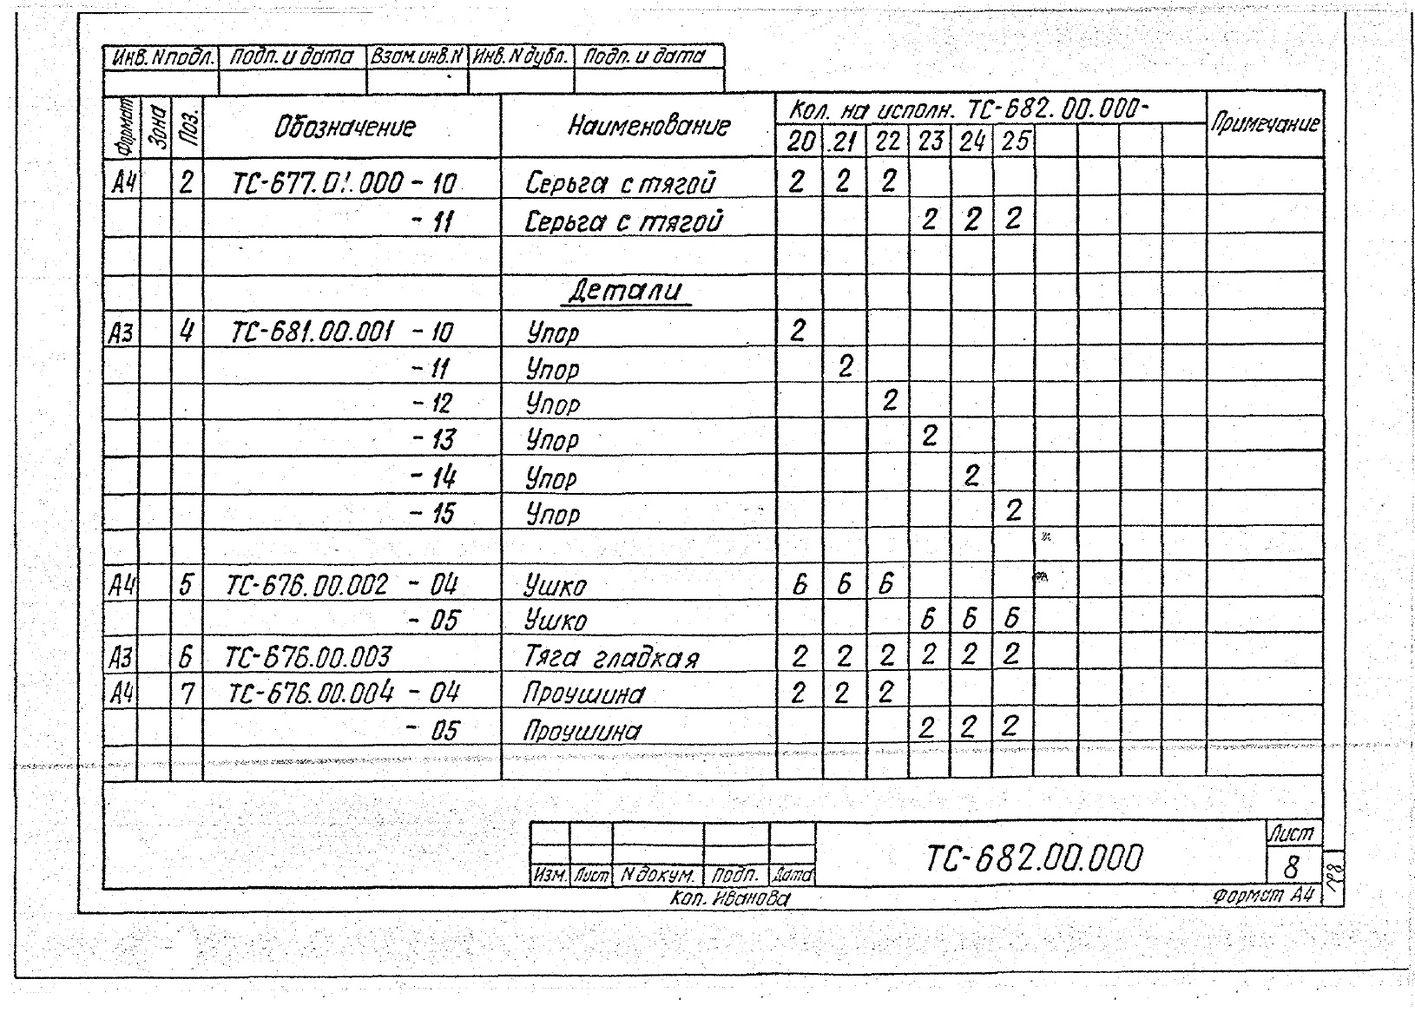 Подвески жесткие для вертикальных трубопроводов Дн 57-630 мм ТС-682.00.000 СБ серия 5.903-13 выпуск 6-95 стр.10